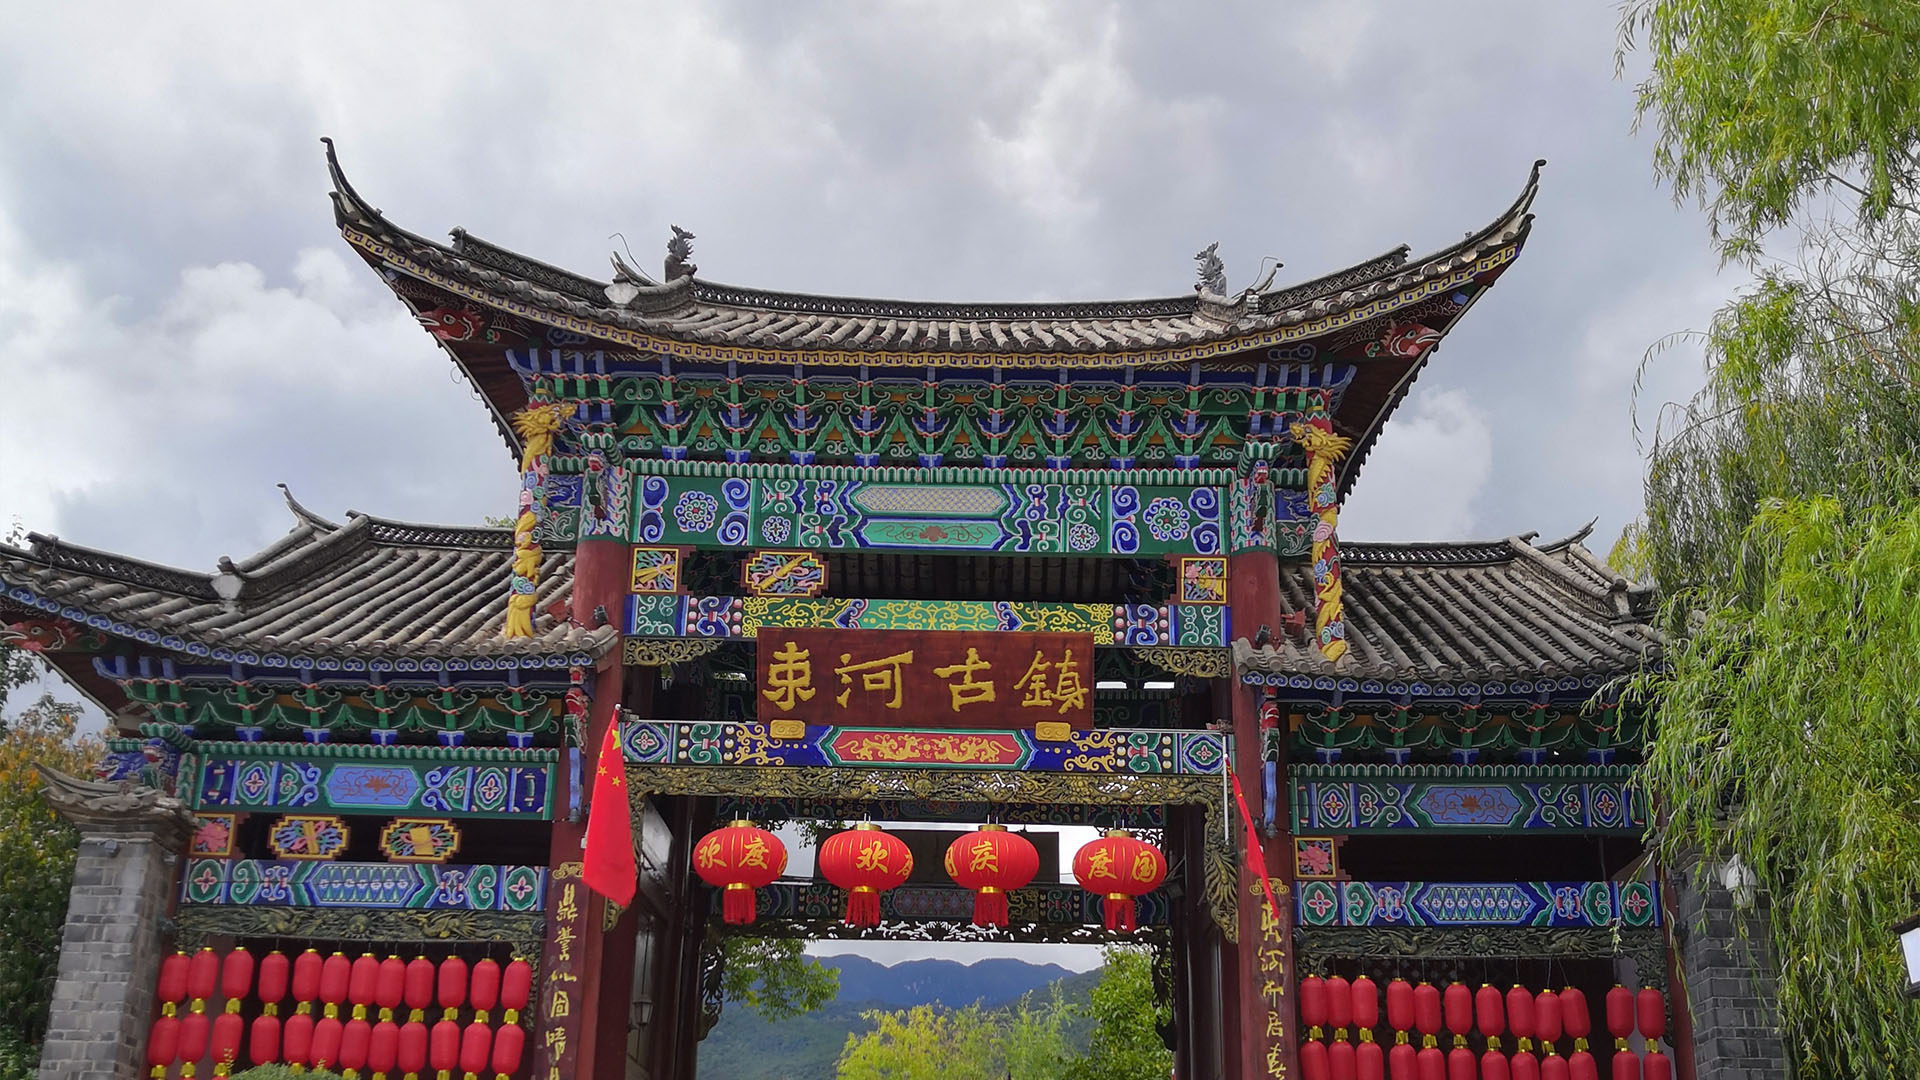 【遇見云南】麗江+瀘沽湖5日游